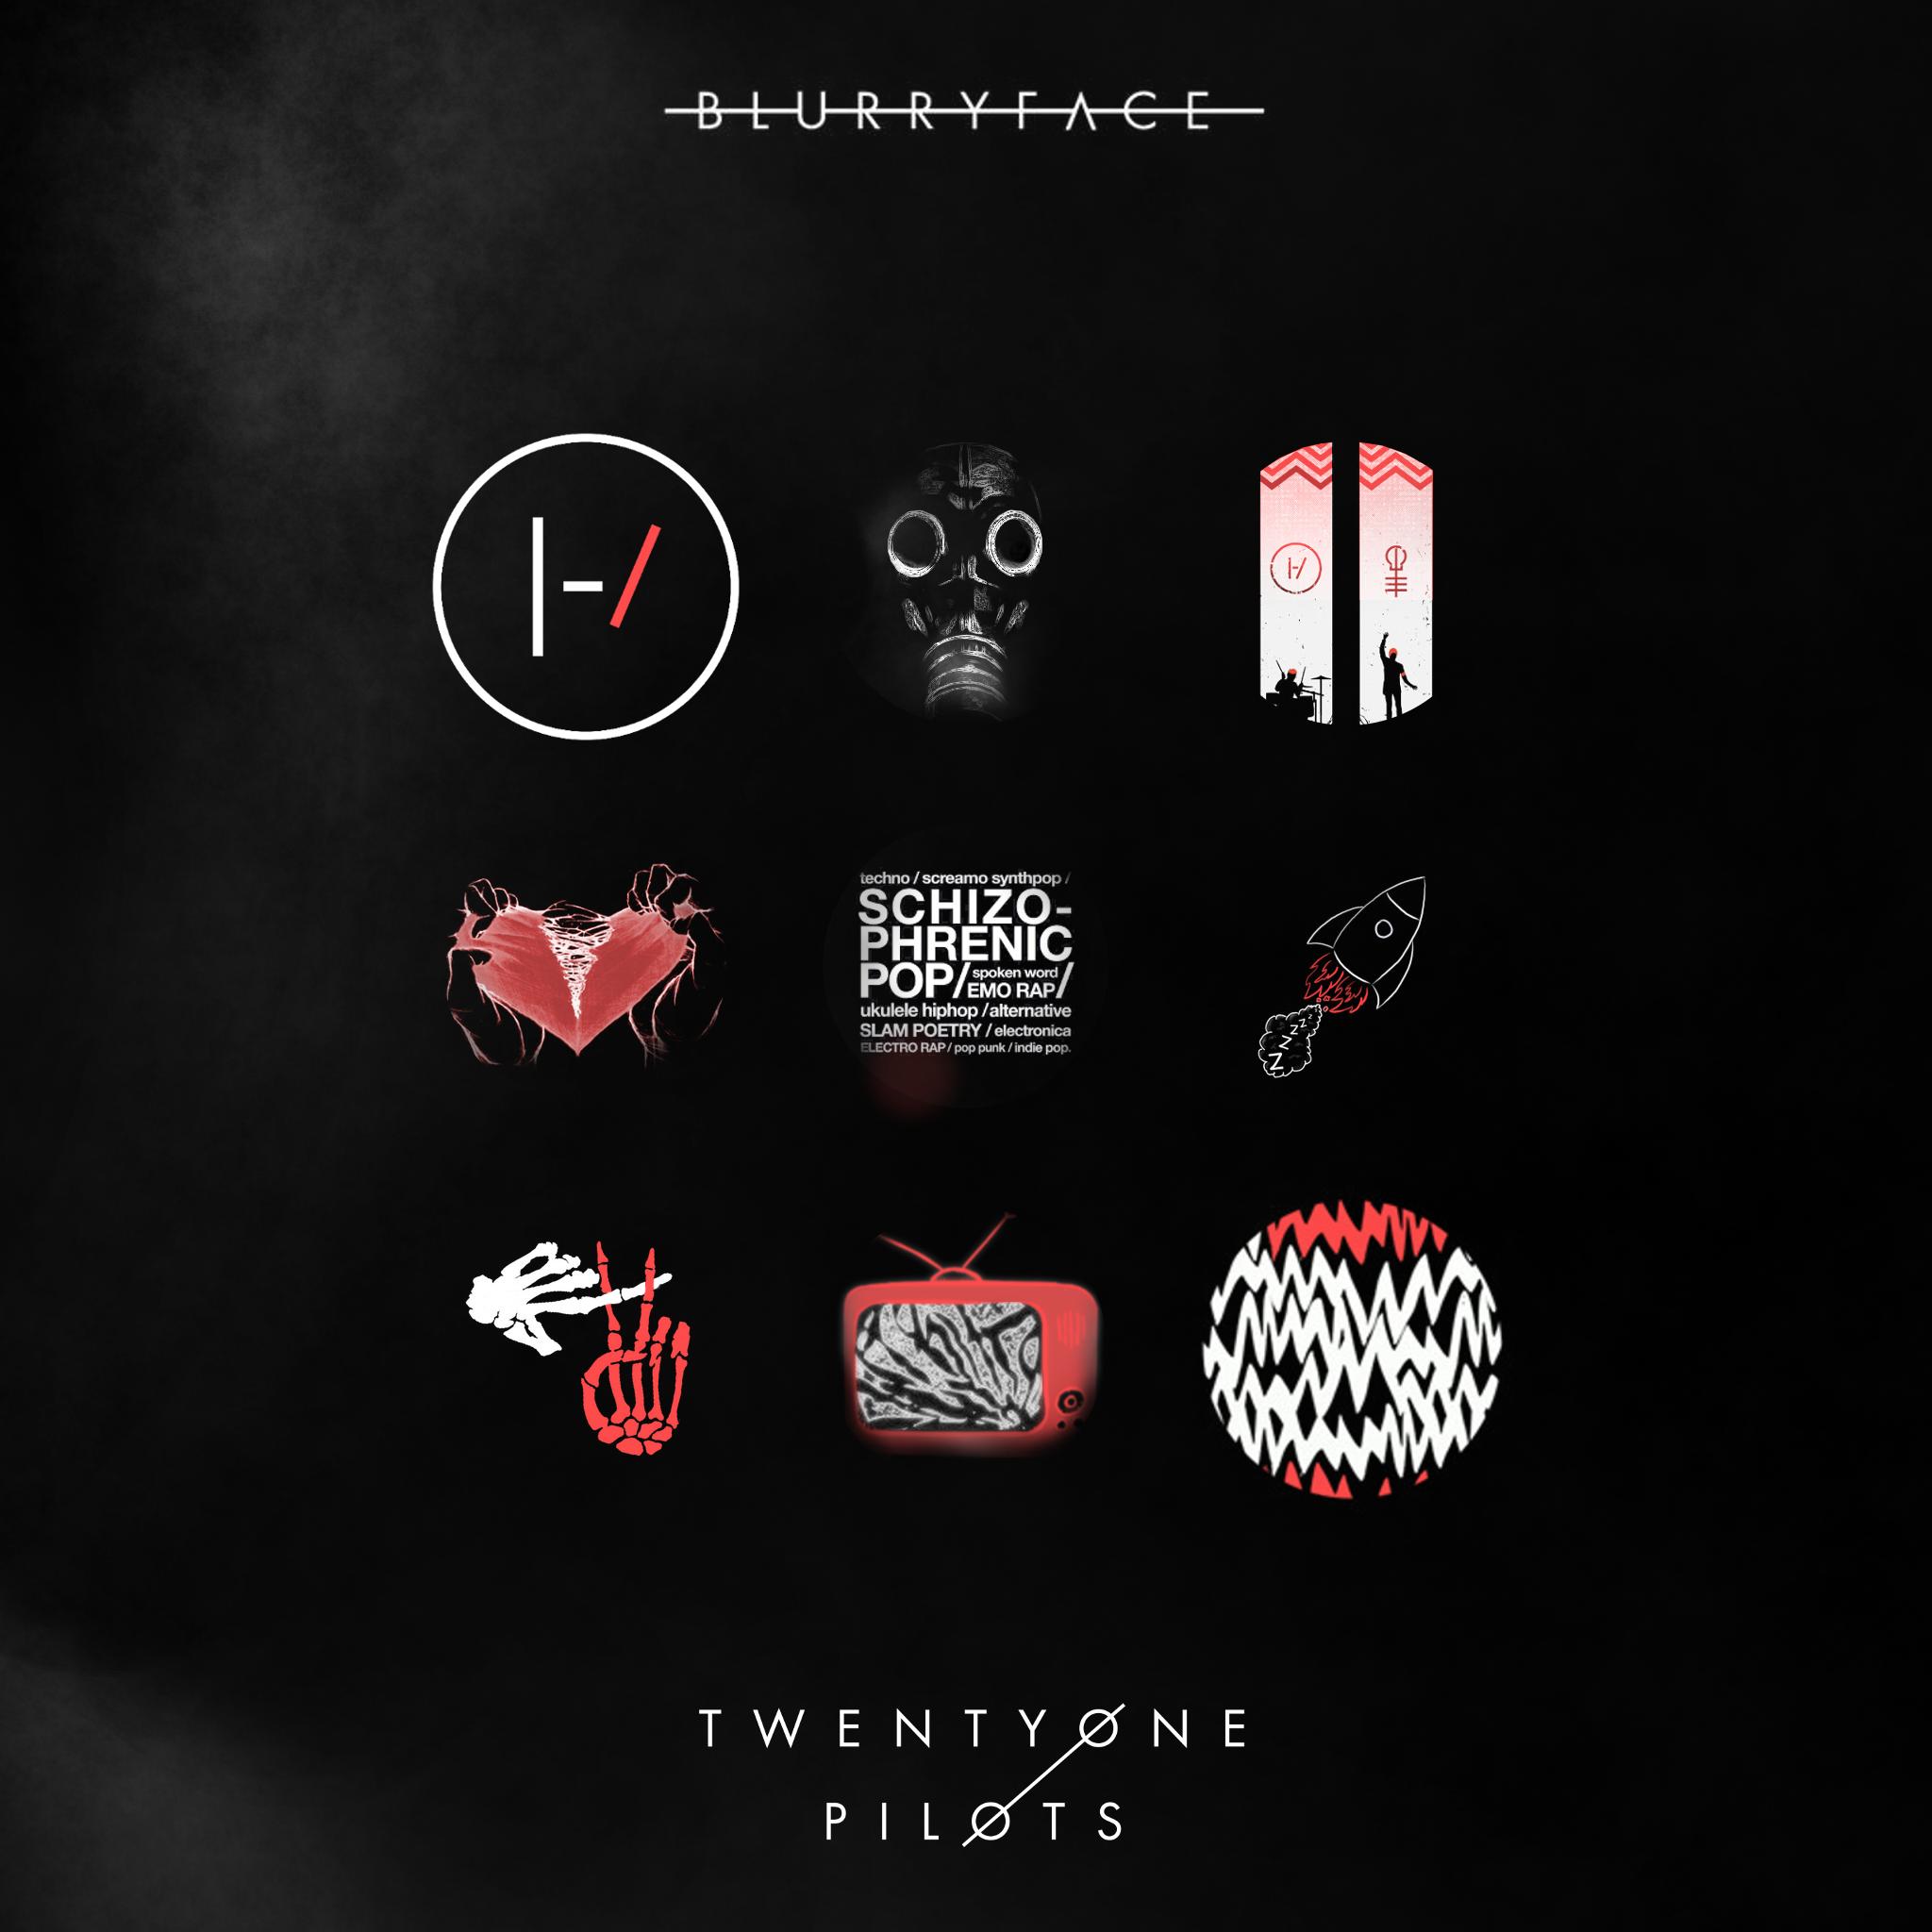 Twenty One Pilots Album Cover Car Tuning